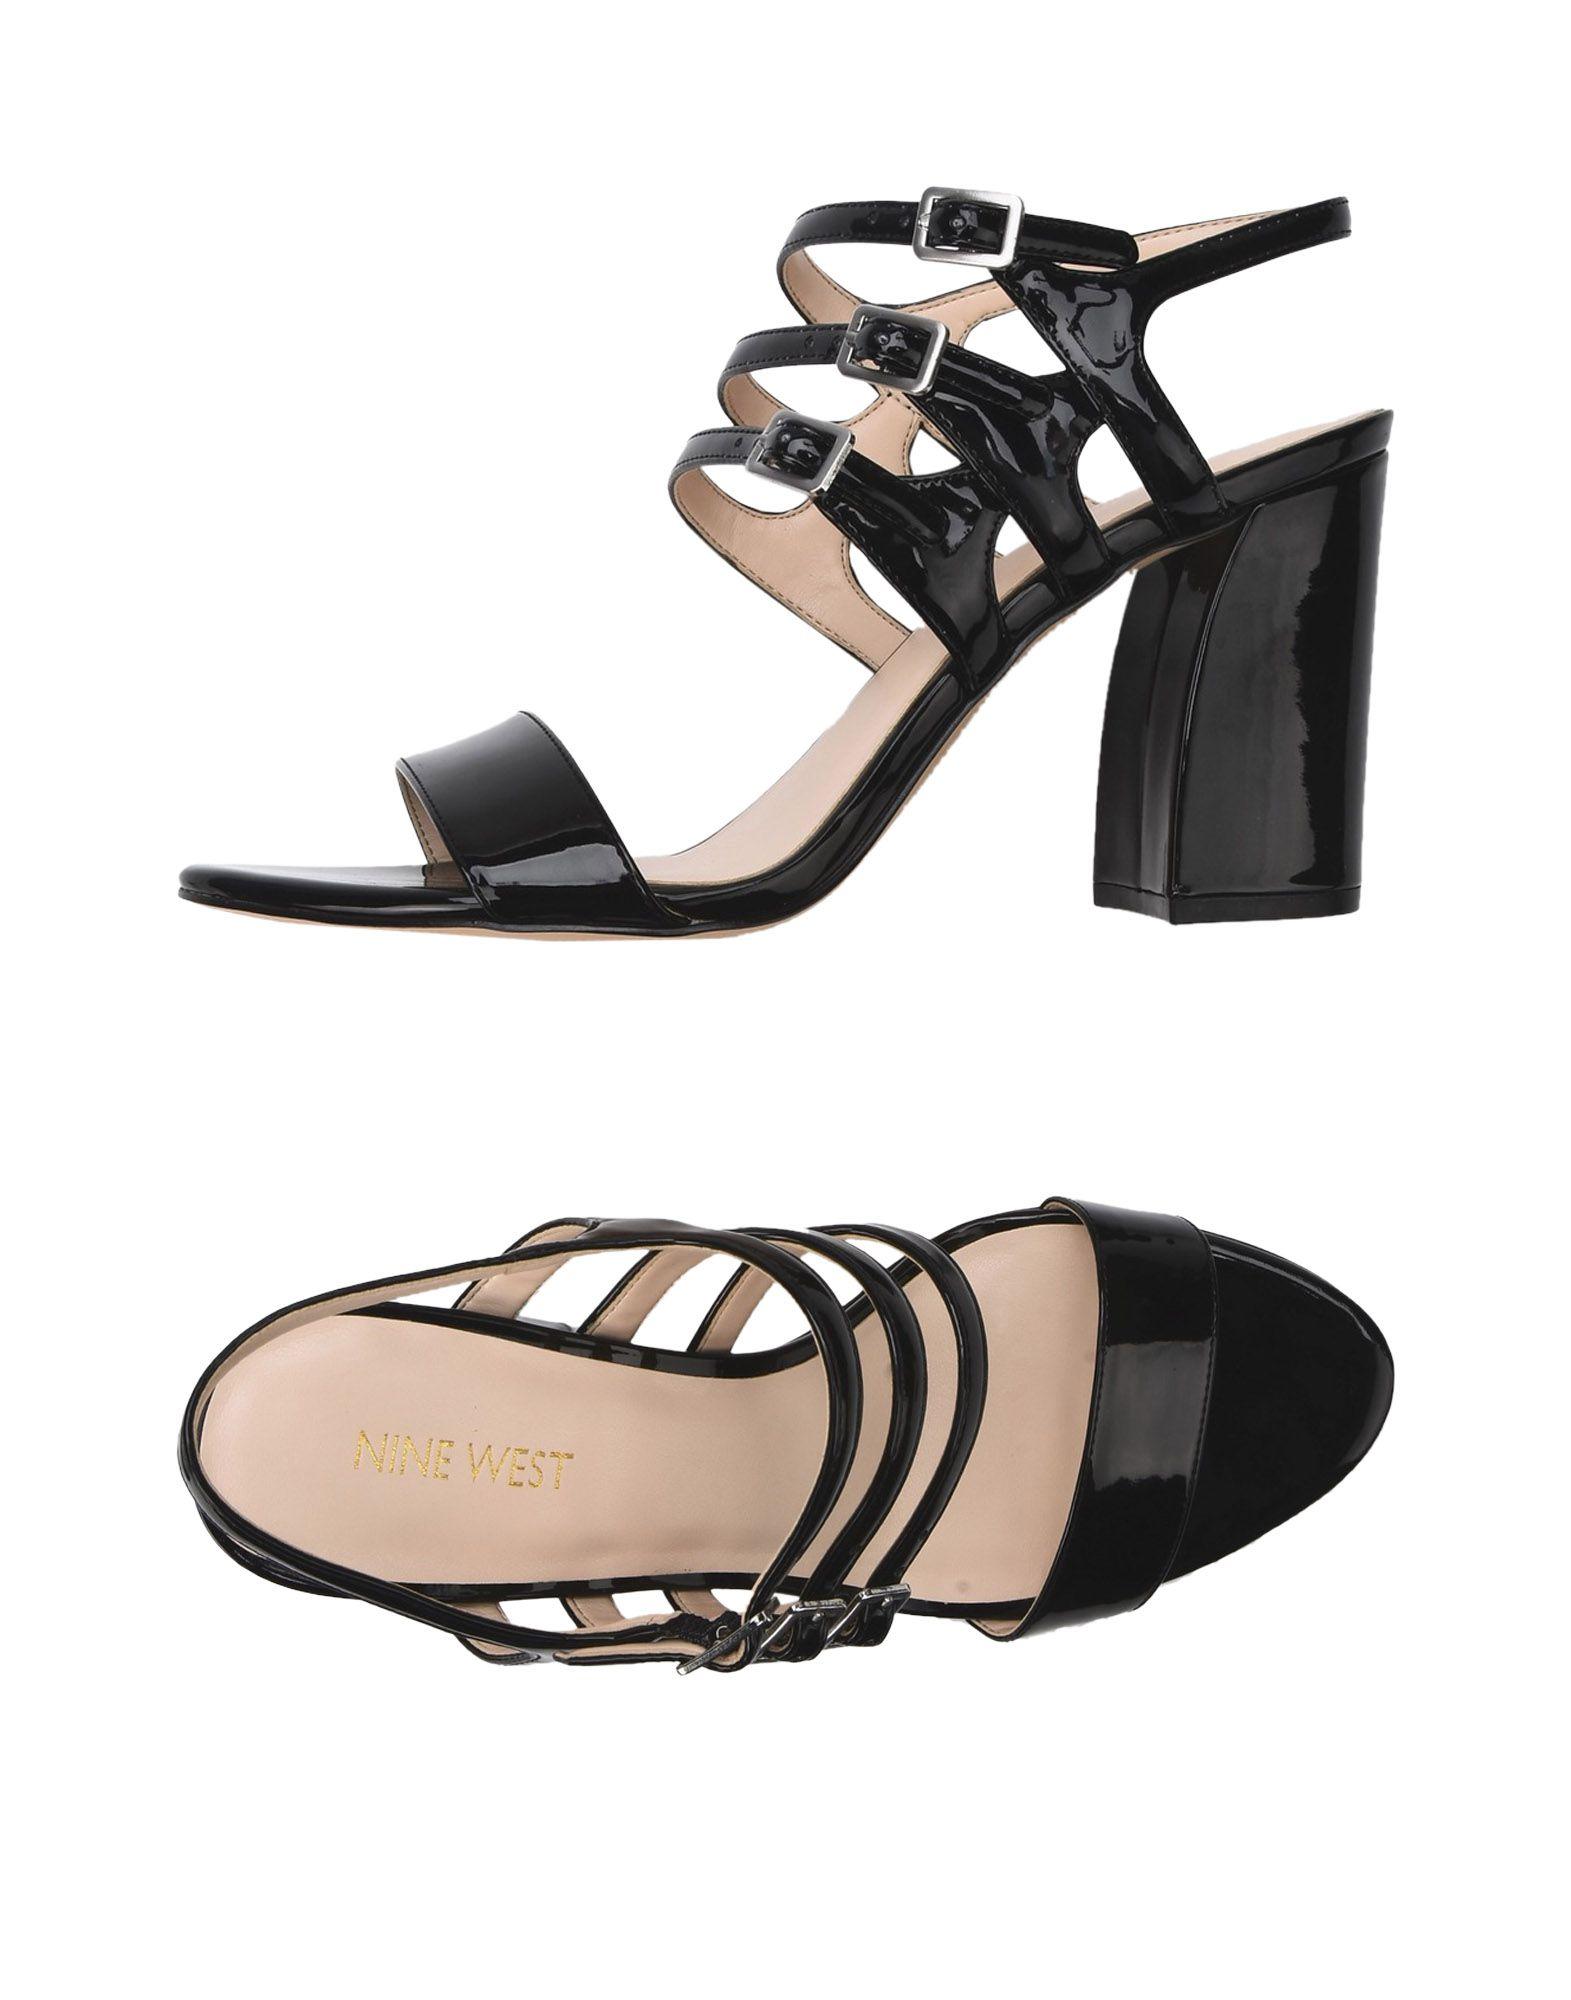 Sandales Nine West Femme - Sandales Nine West sur